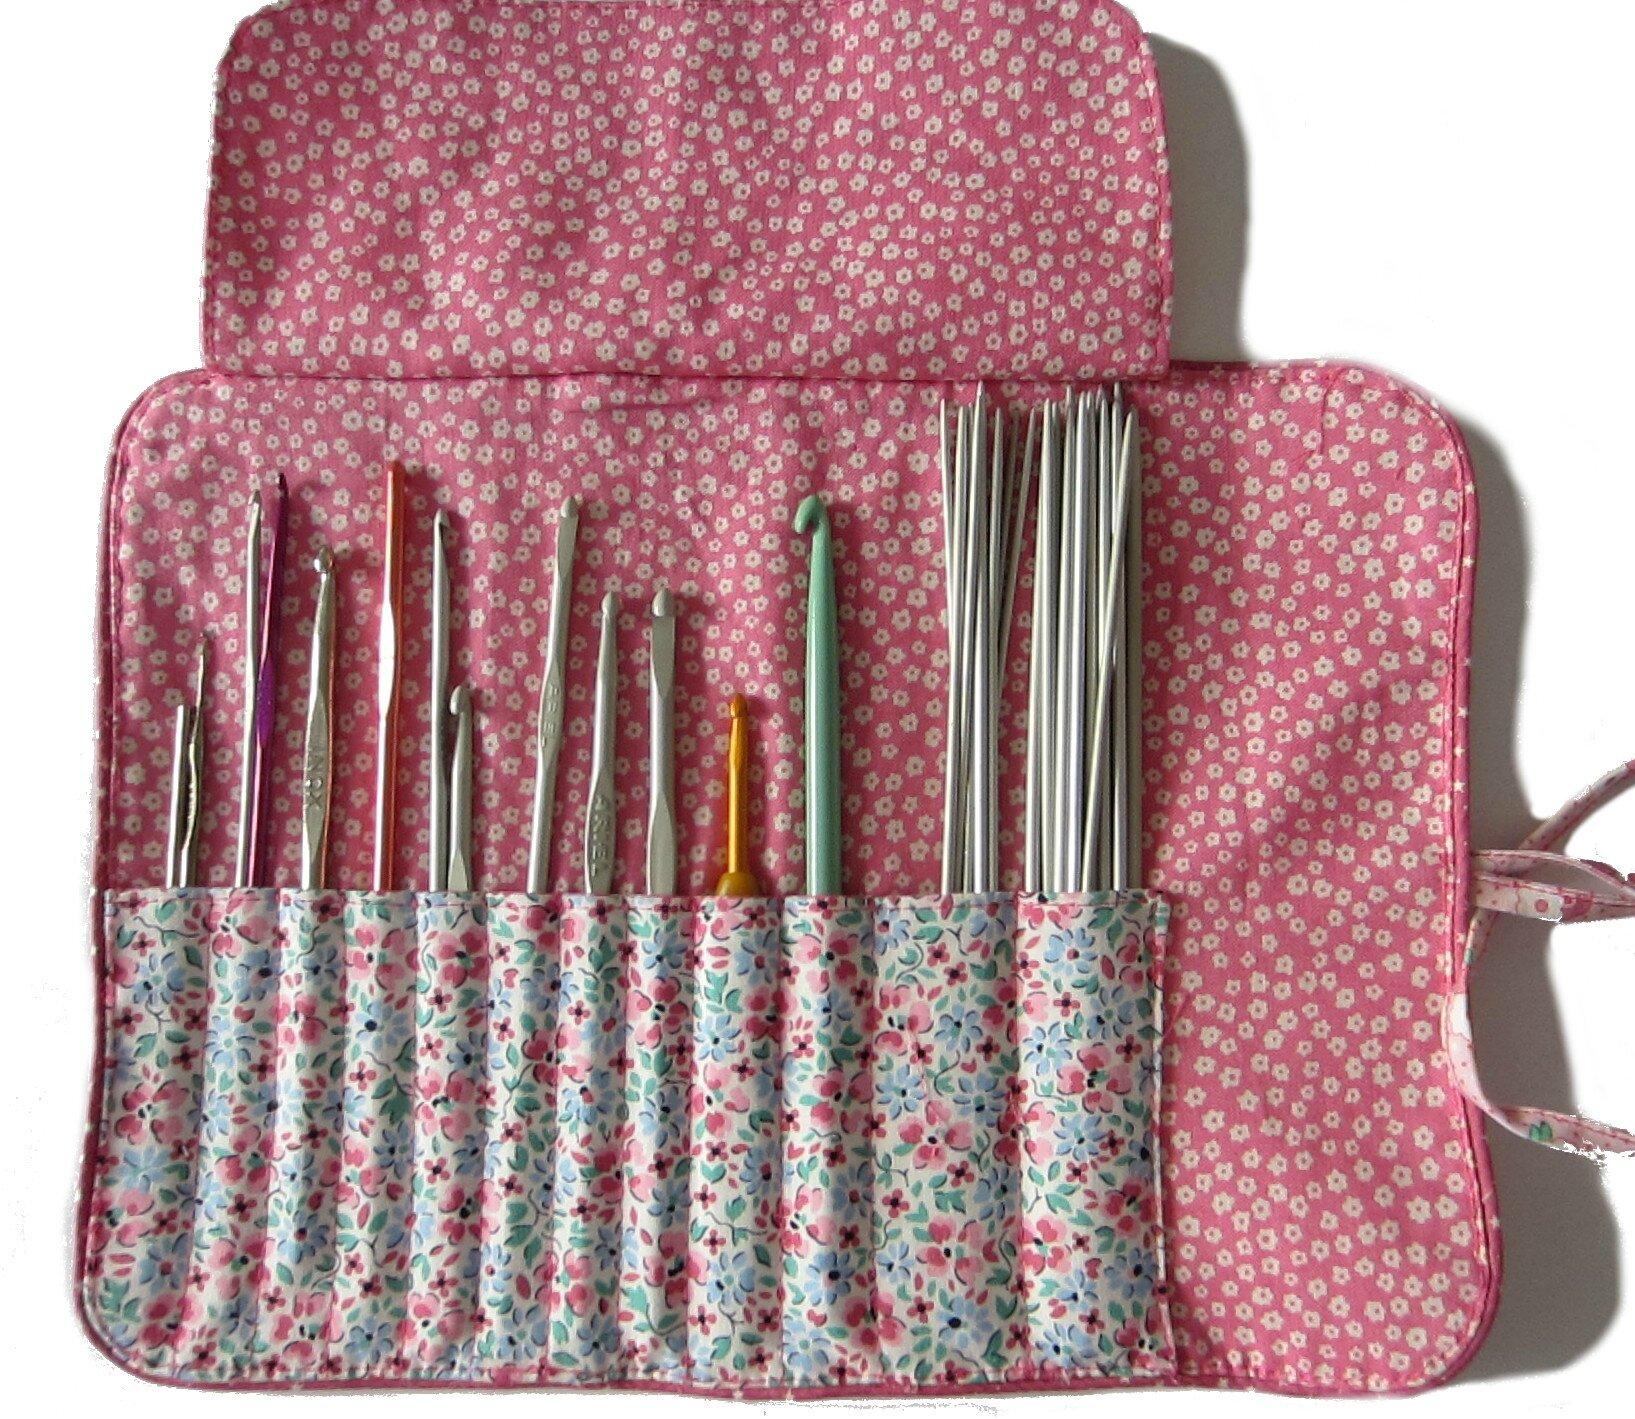 Cadeau de noel un tuto pour une pochette crochets les - Noel est a votre porte ...